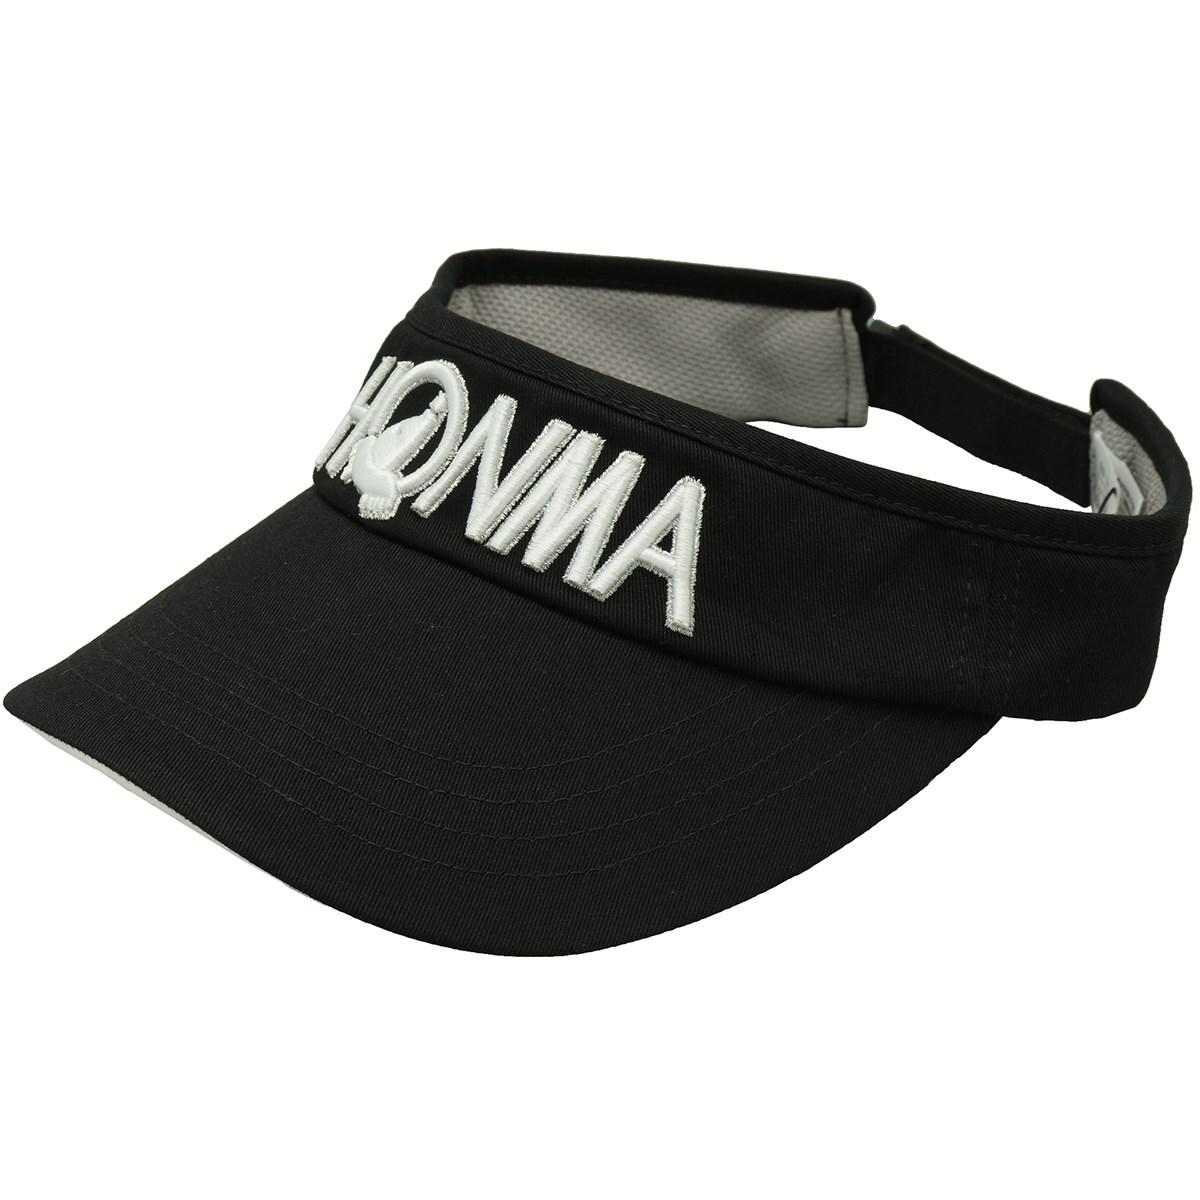 本間ゴルフ(HONMA GOLF) サンバイザー 699-317672